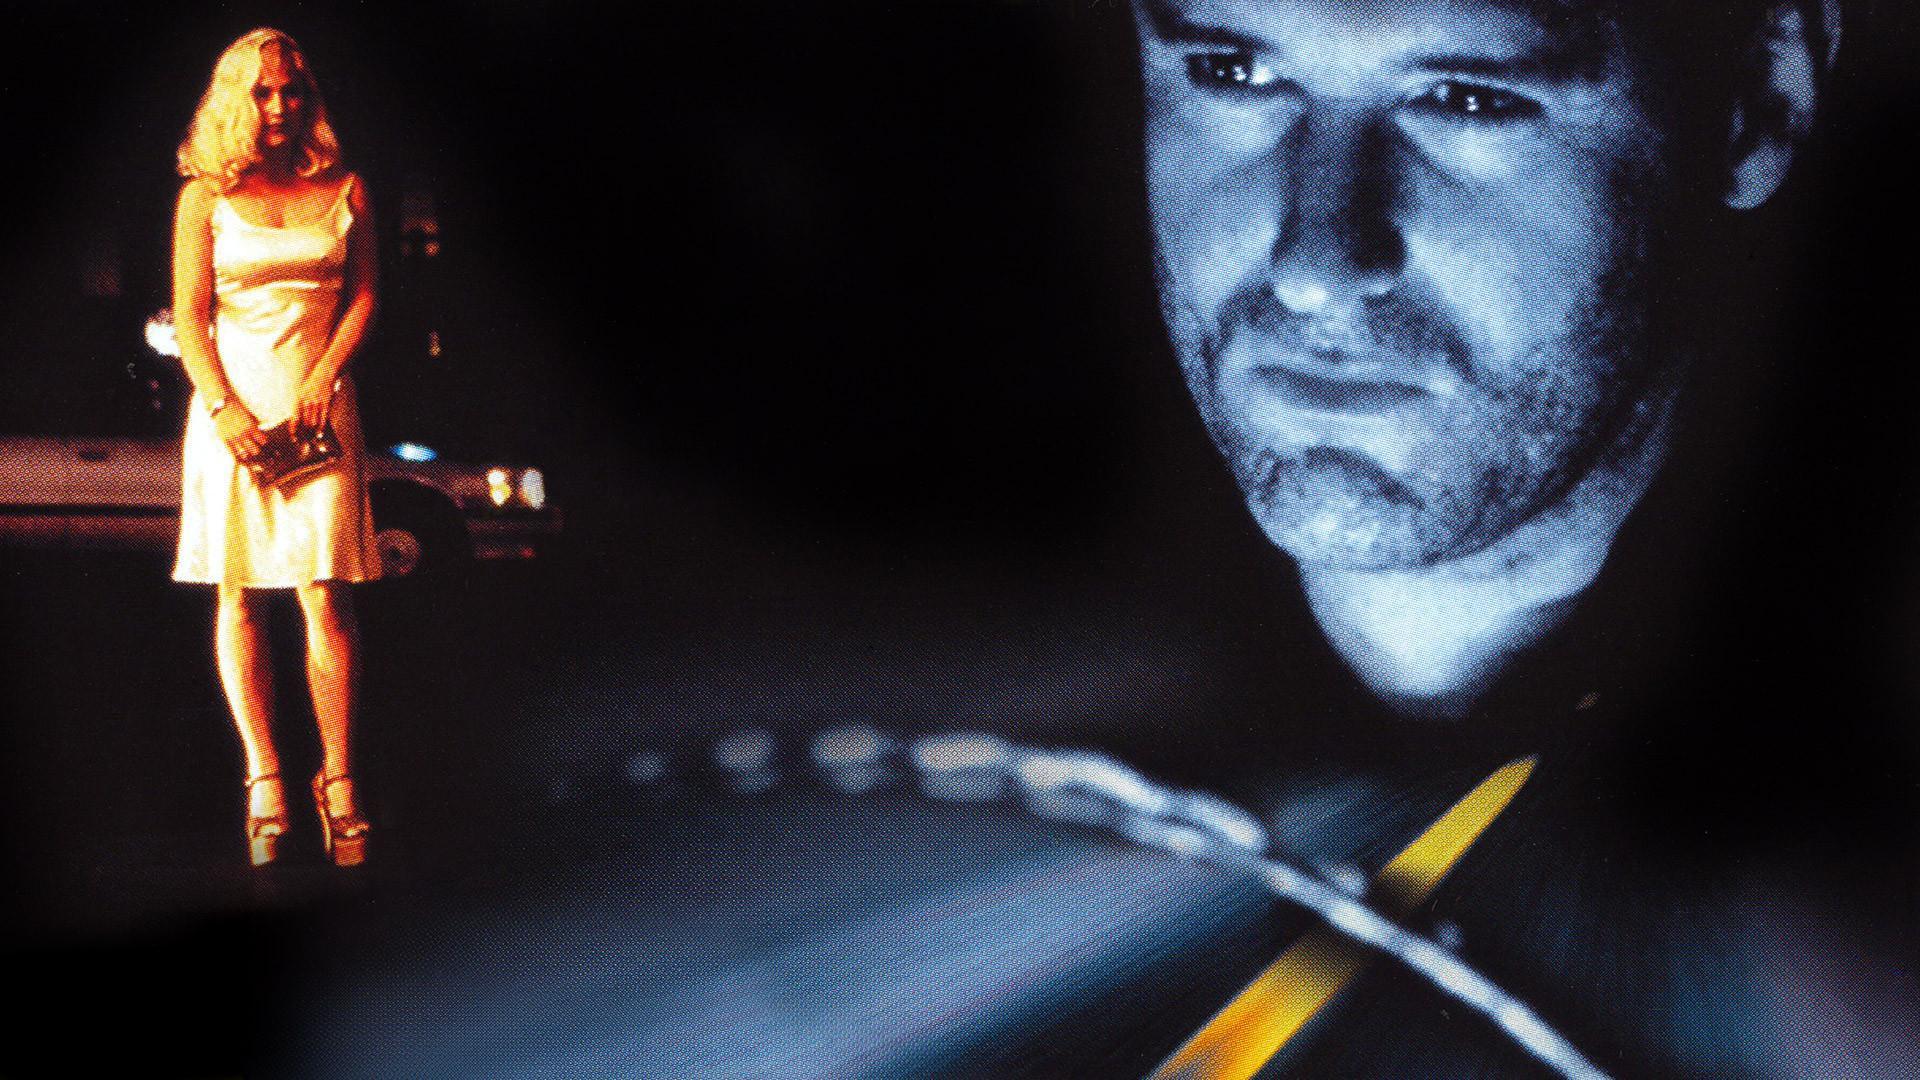 Uçuş Yanılsama filmi: film eleştirmenlerinin yorumları